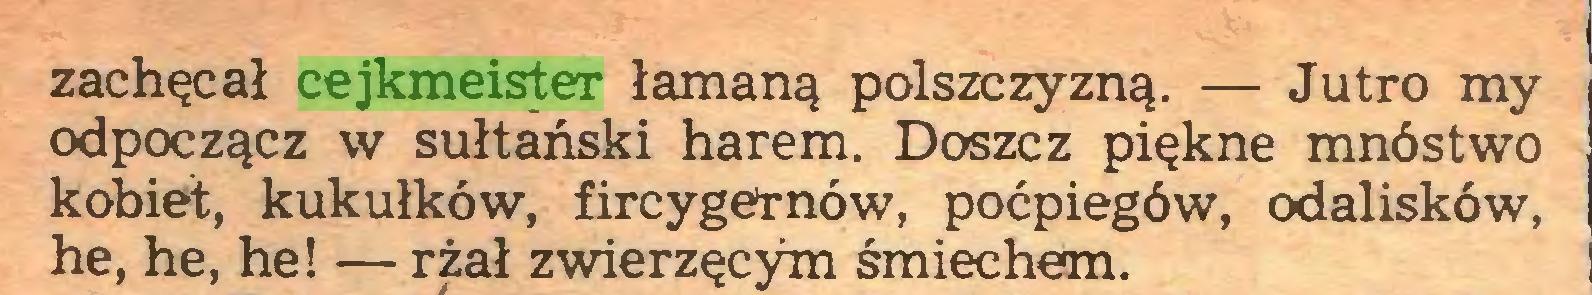 (...) zachęcał cejkmeister łamaną polszczyzną. — Jutro my odpoczącz w sułtański harem. Doszcz piękne mnóstwo kobiet, kukułków, fircygernów, poćpiegów, odalisków, he, he, he! — rżał zwierzęcym śmiechem...